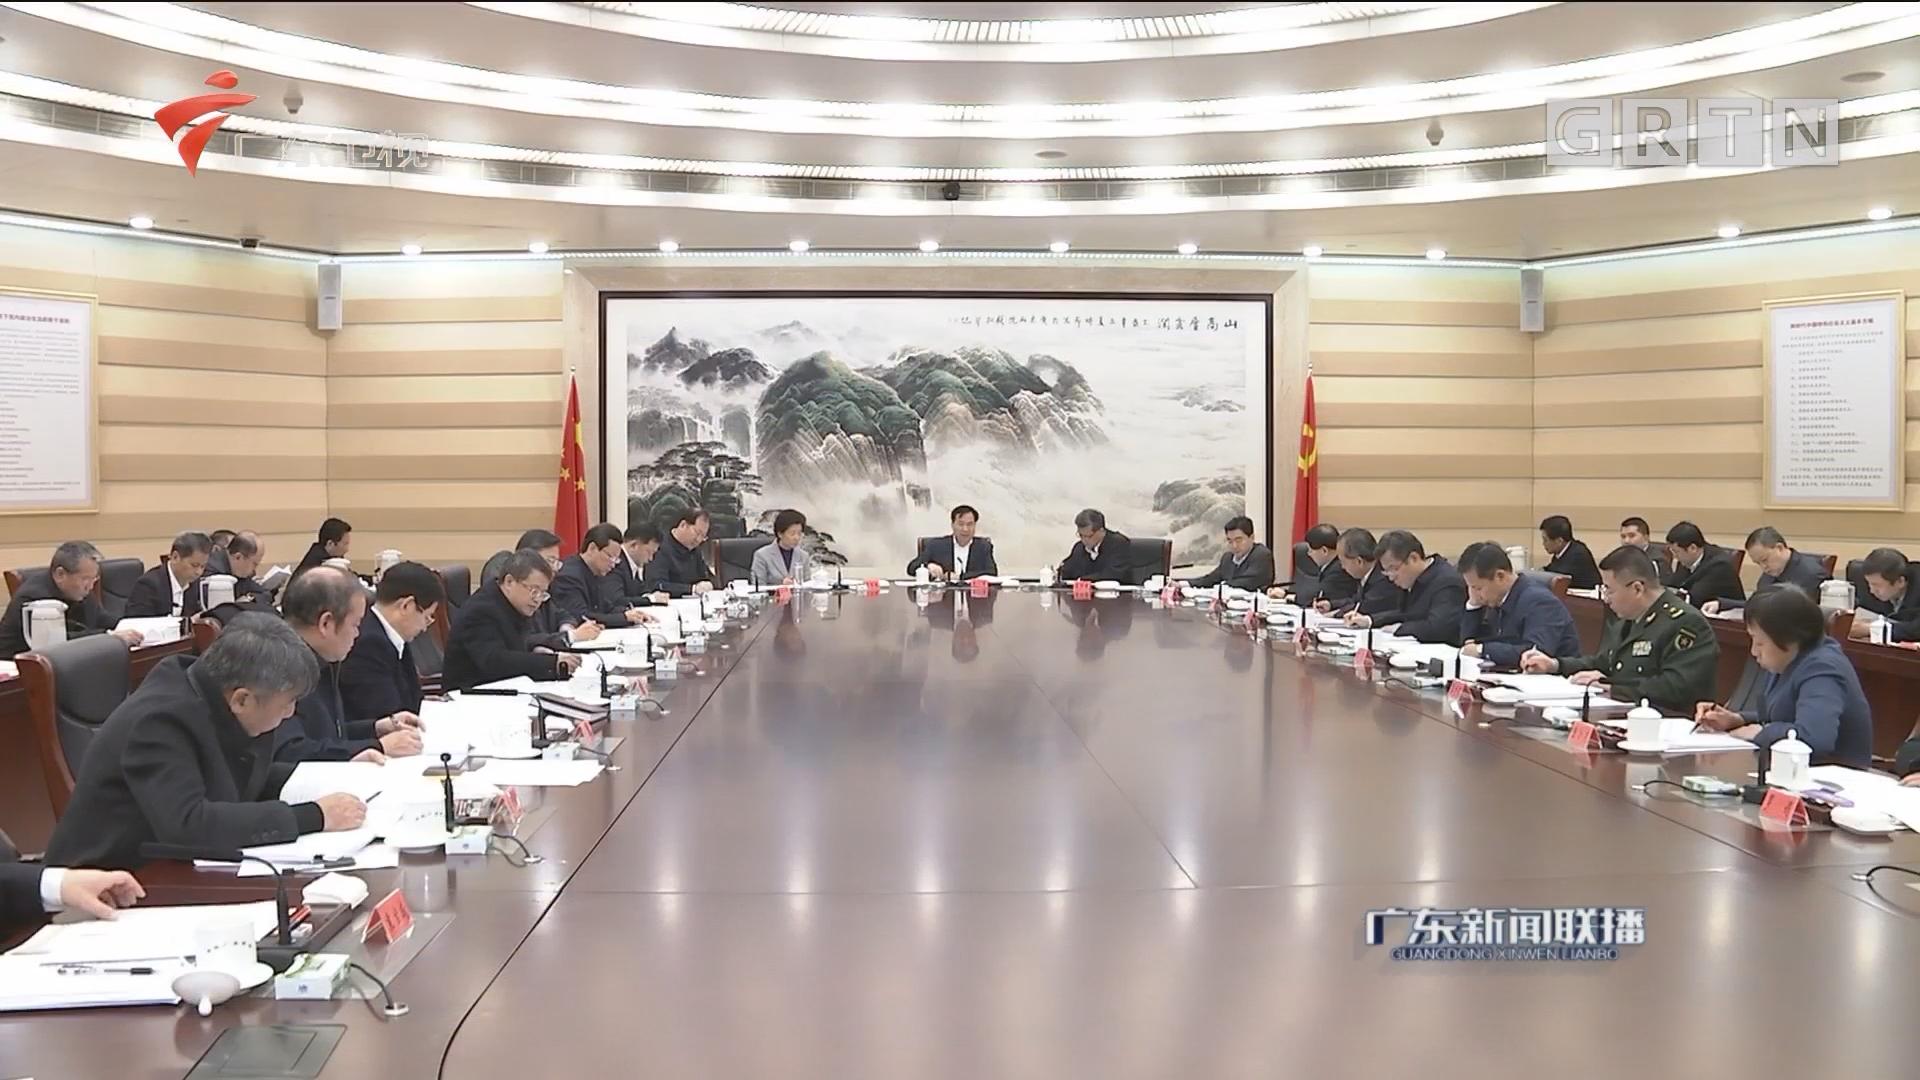 省委常委会召开会议 李希主持会议 传达学习贯彻党的十九大精神研讨班精神